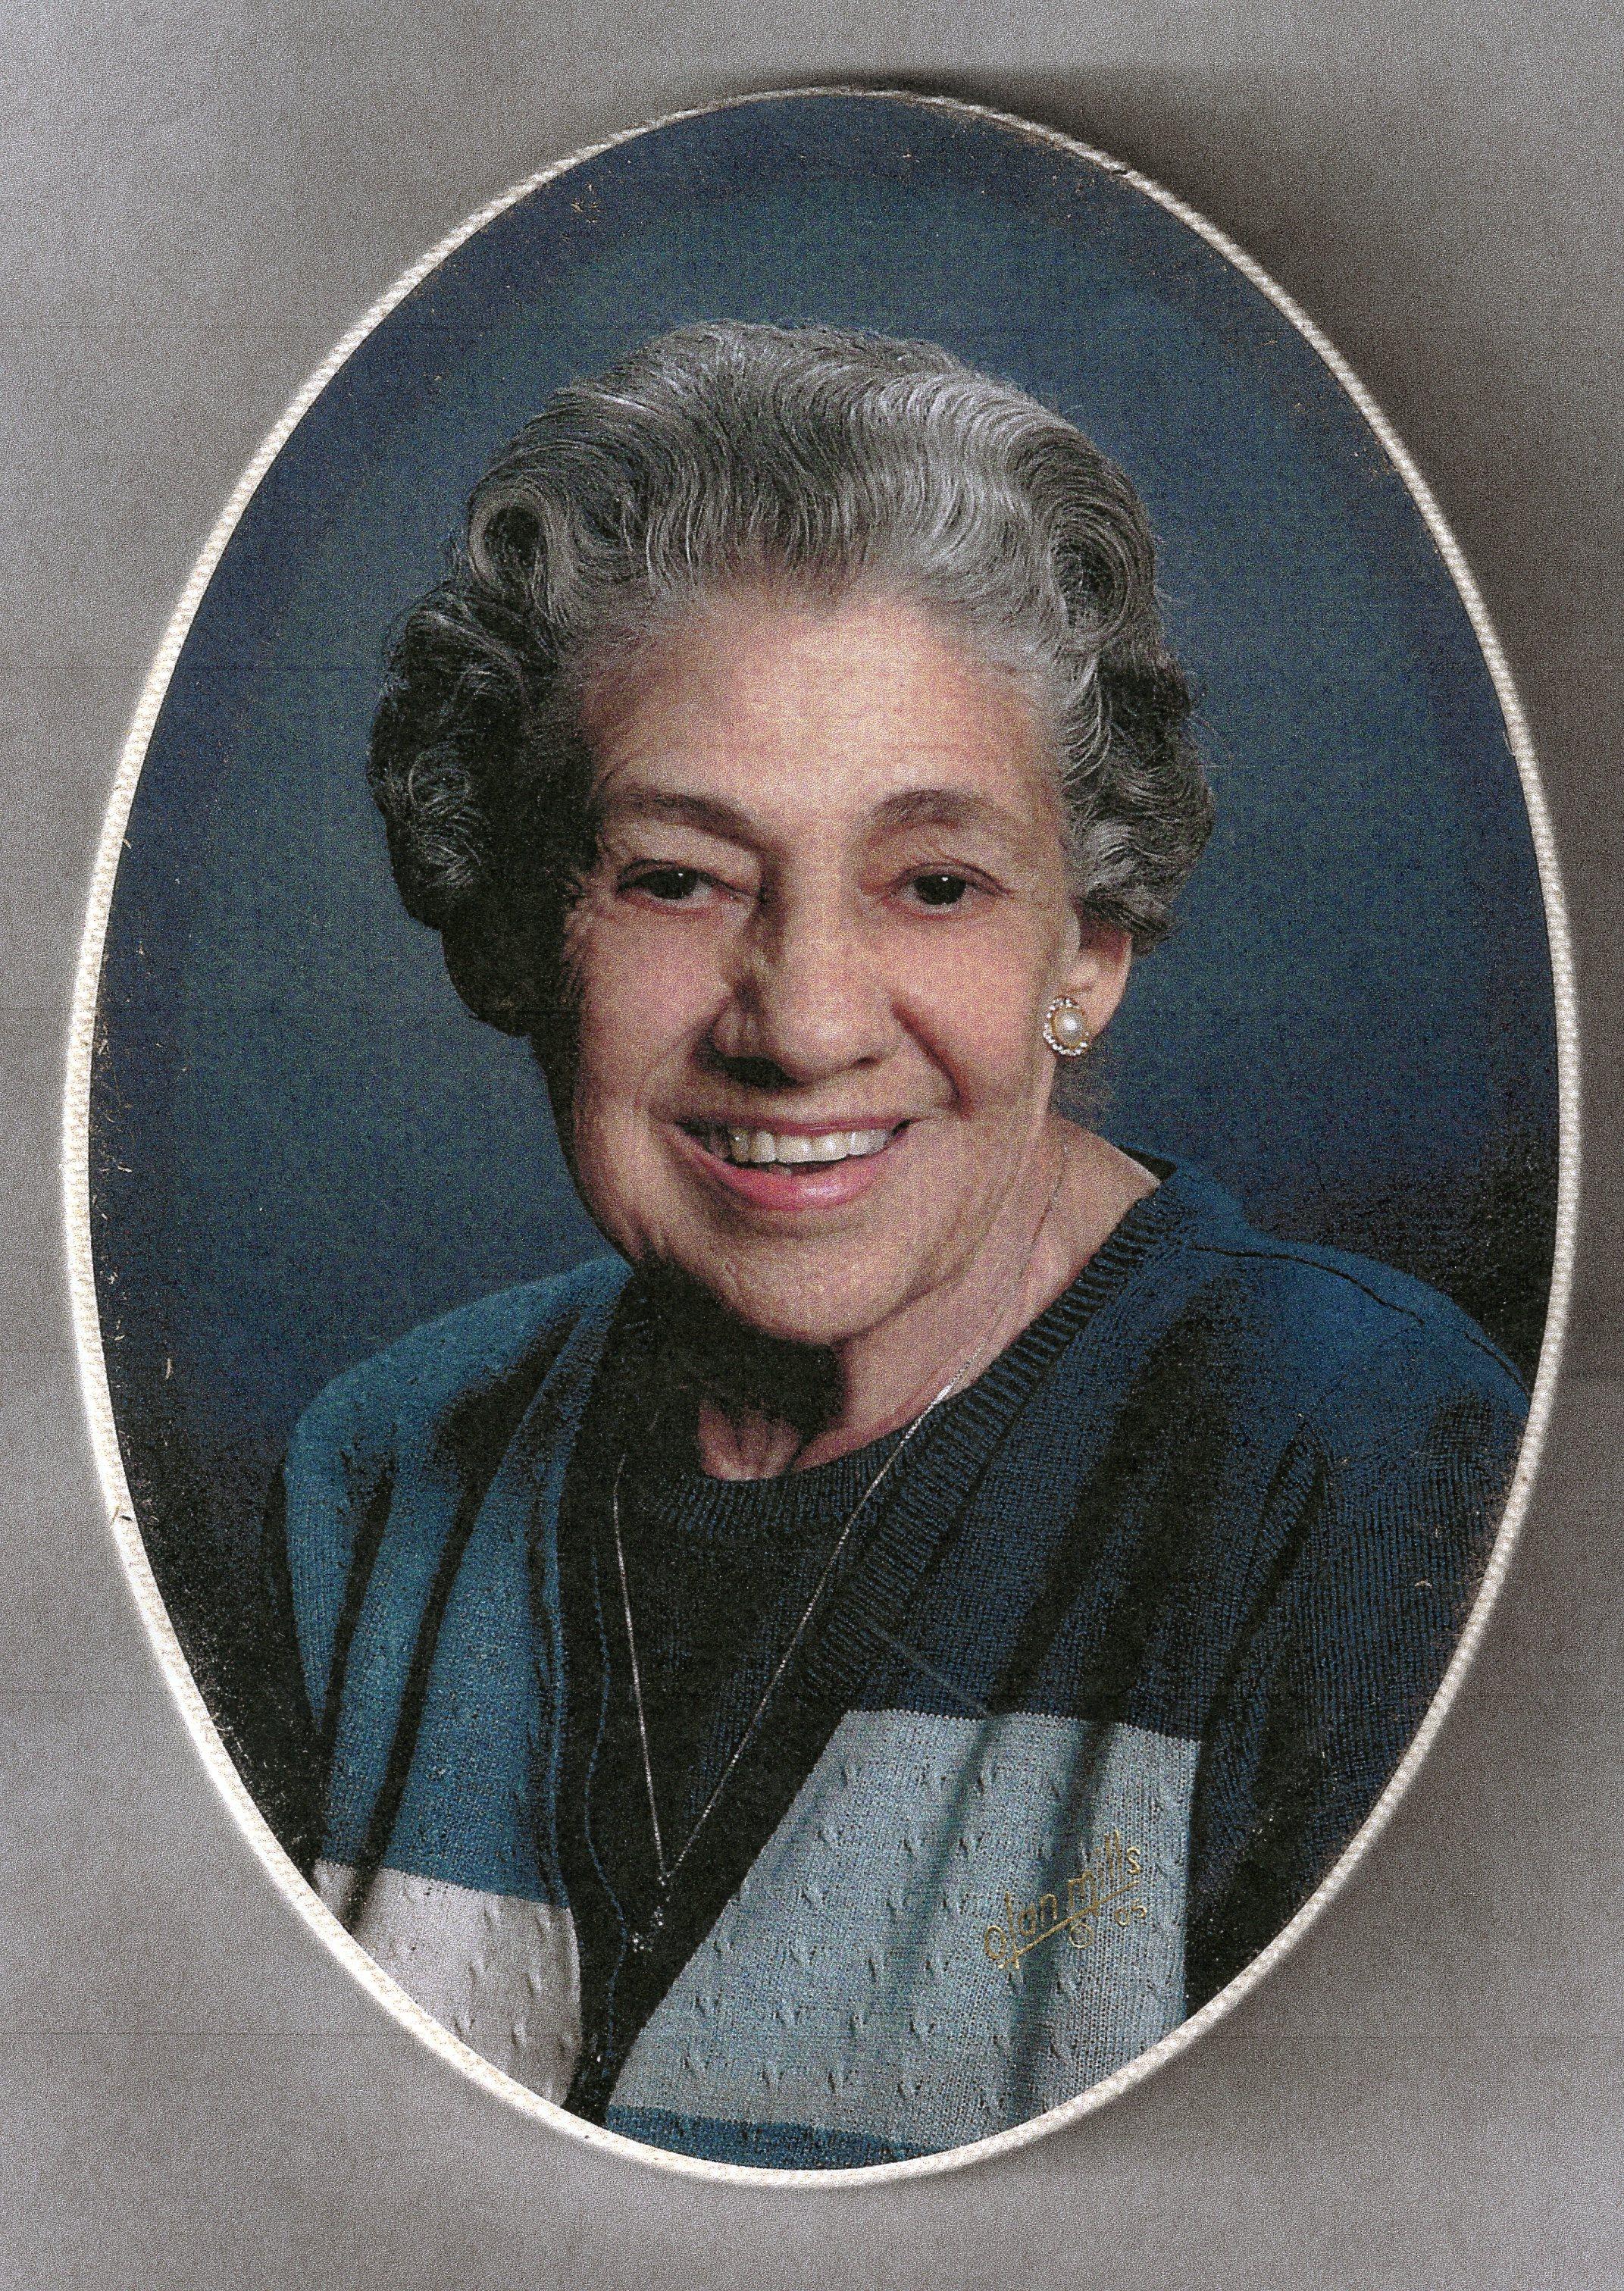 obituary photo001